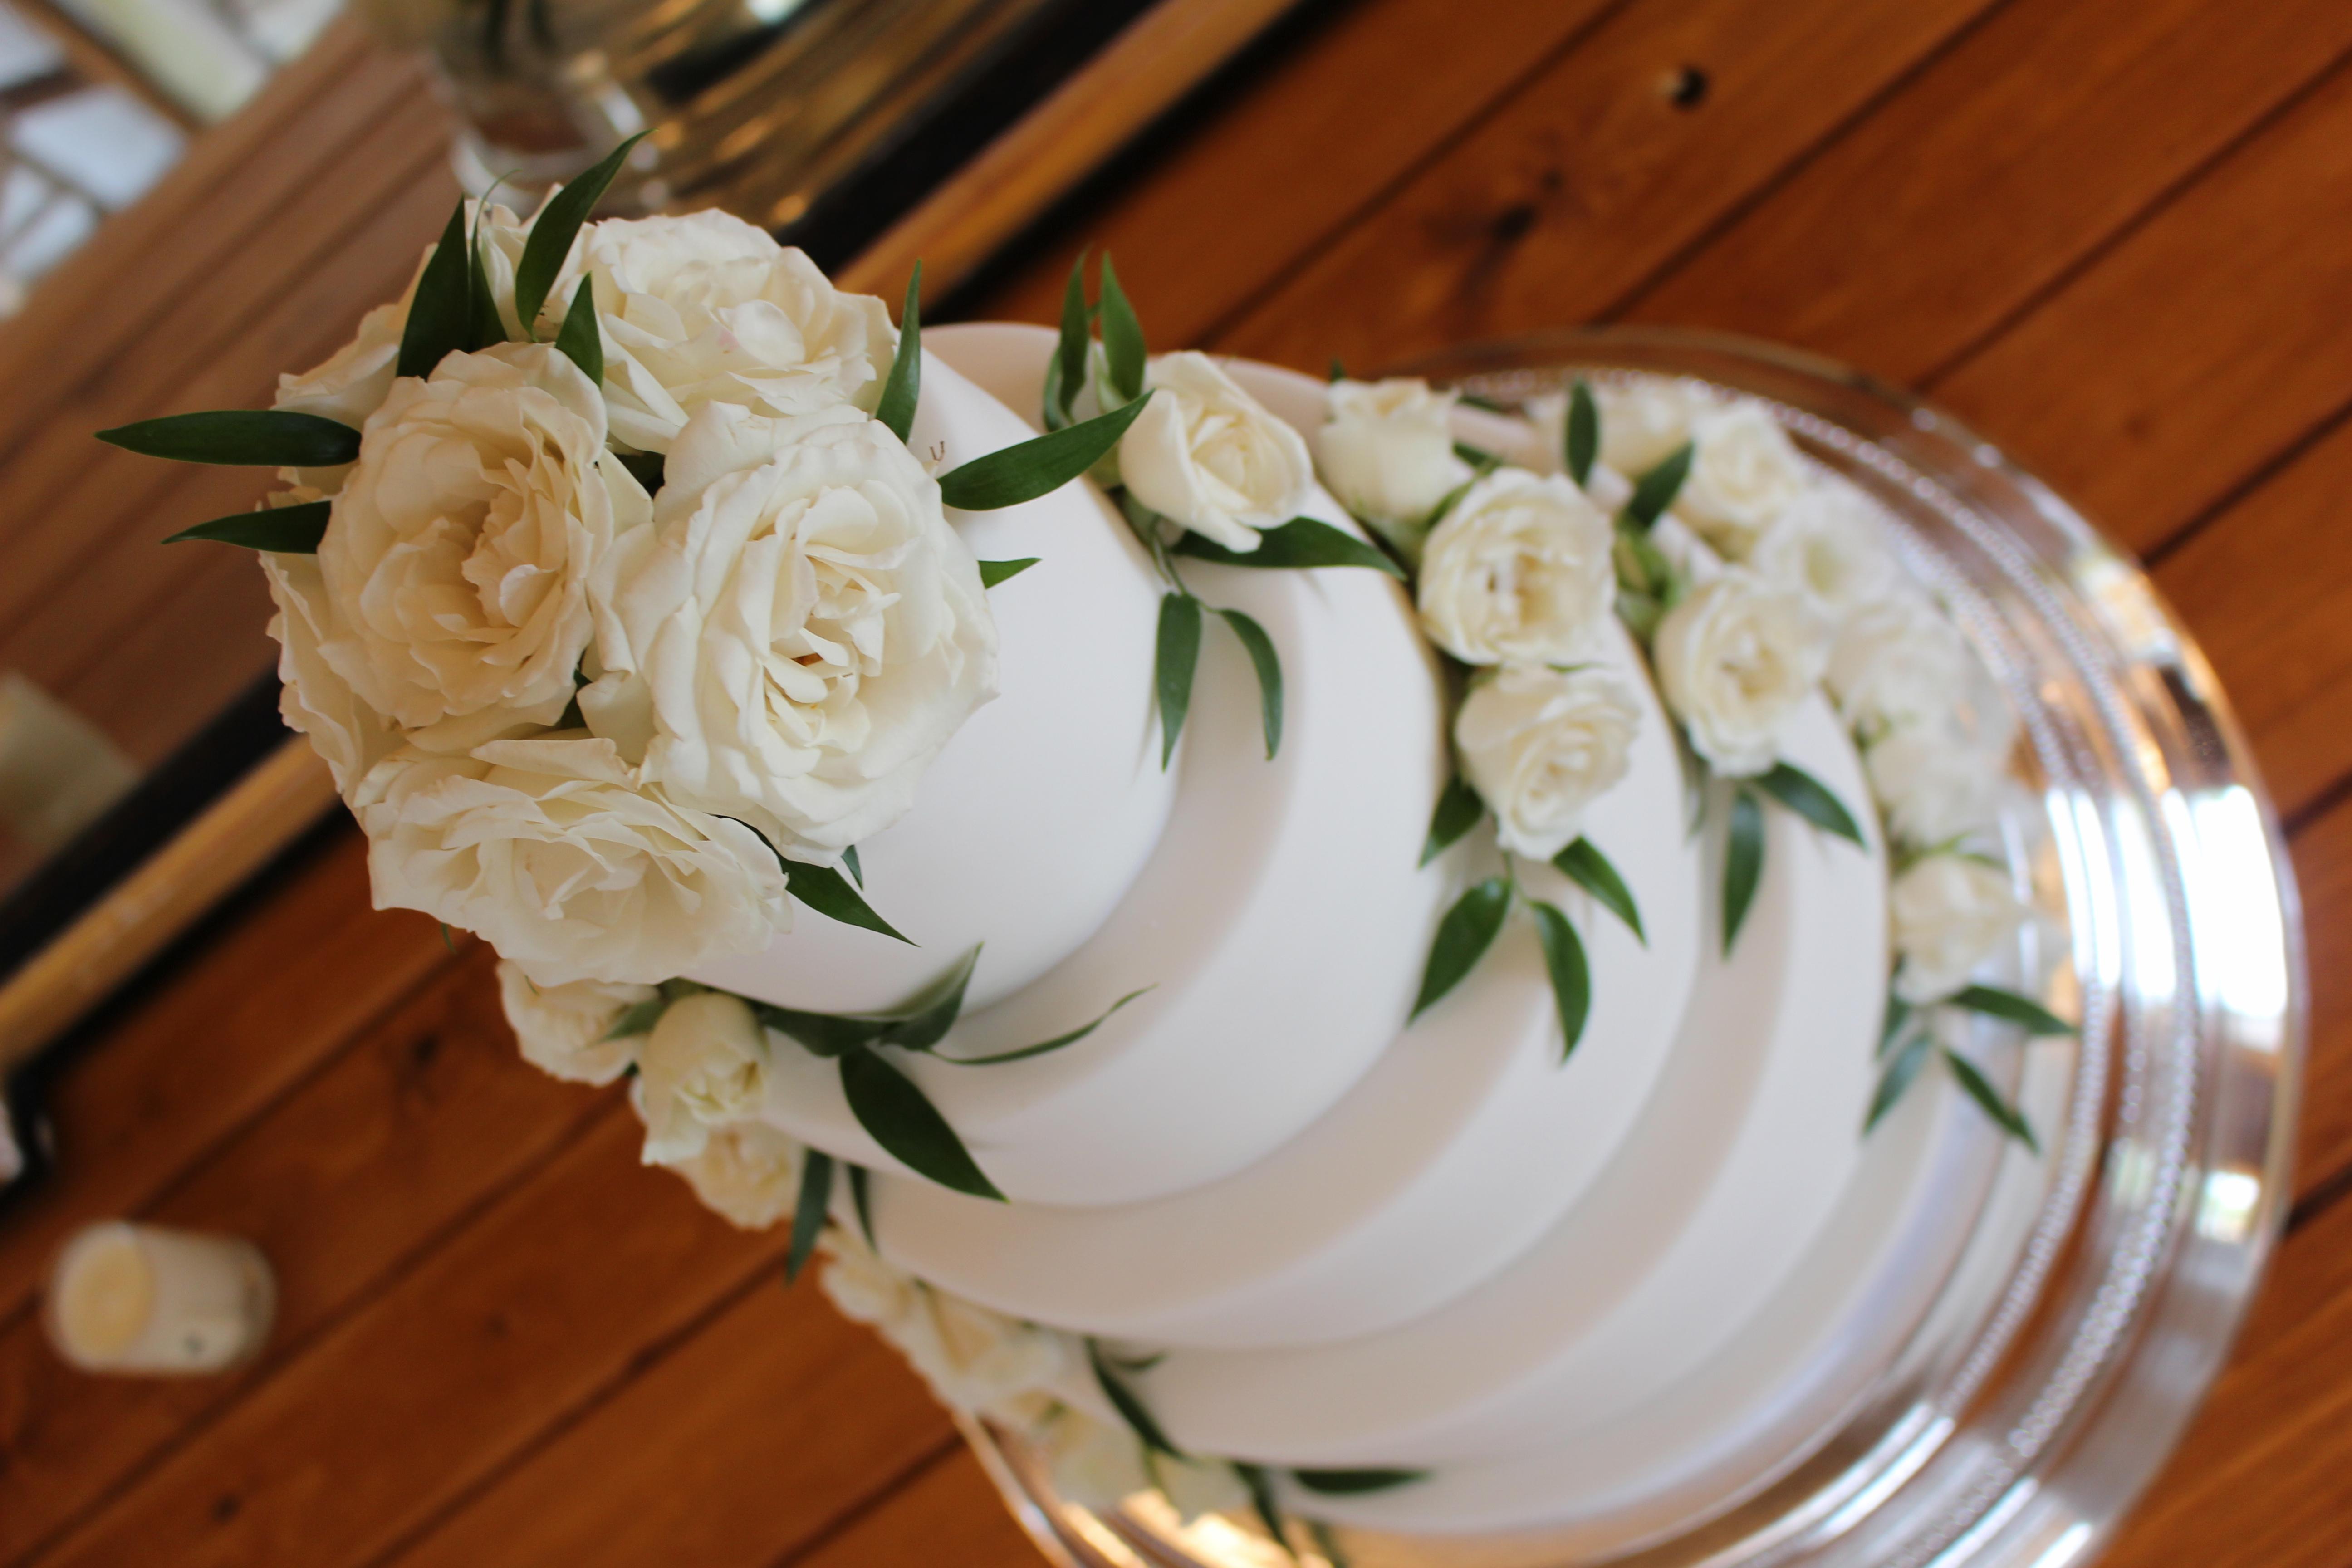 Elmore Court White Wedding Cake